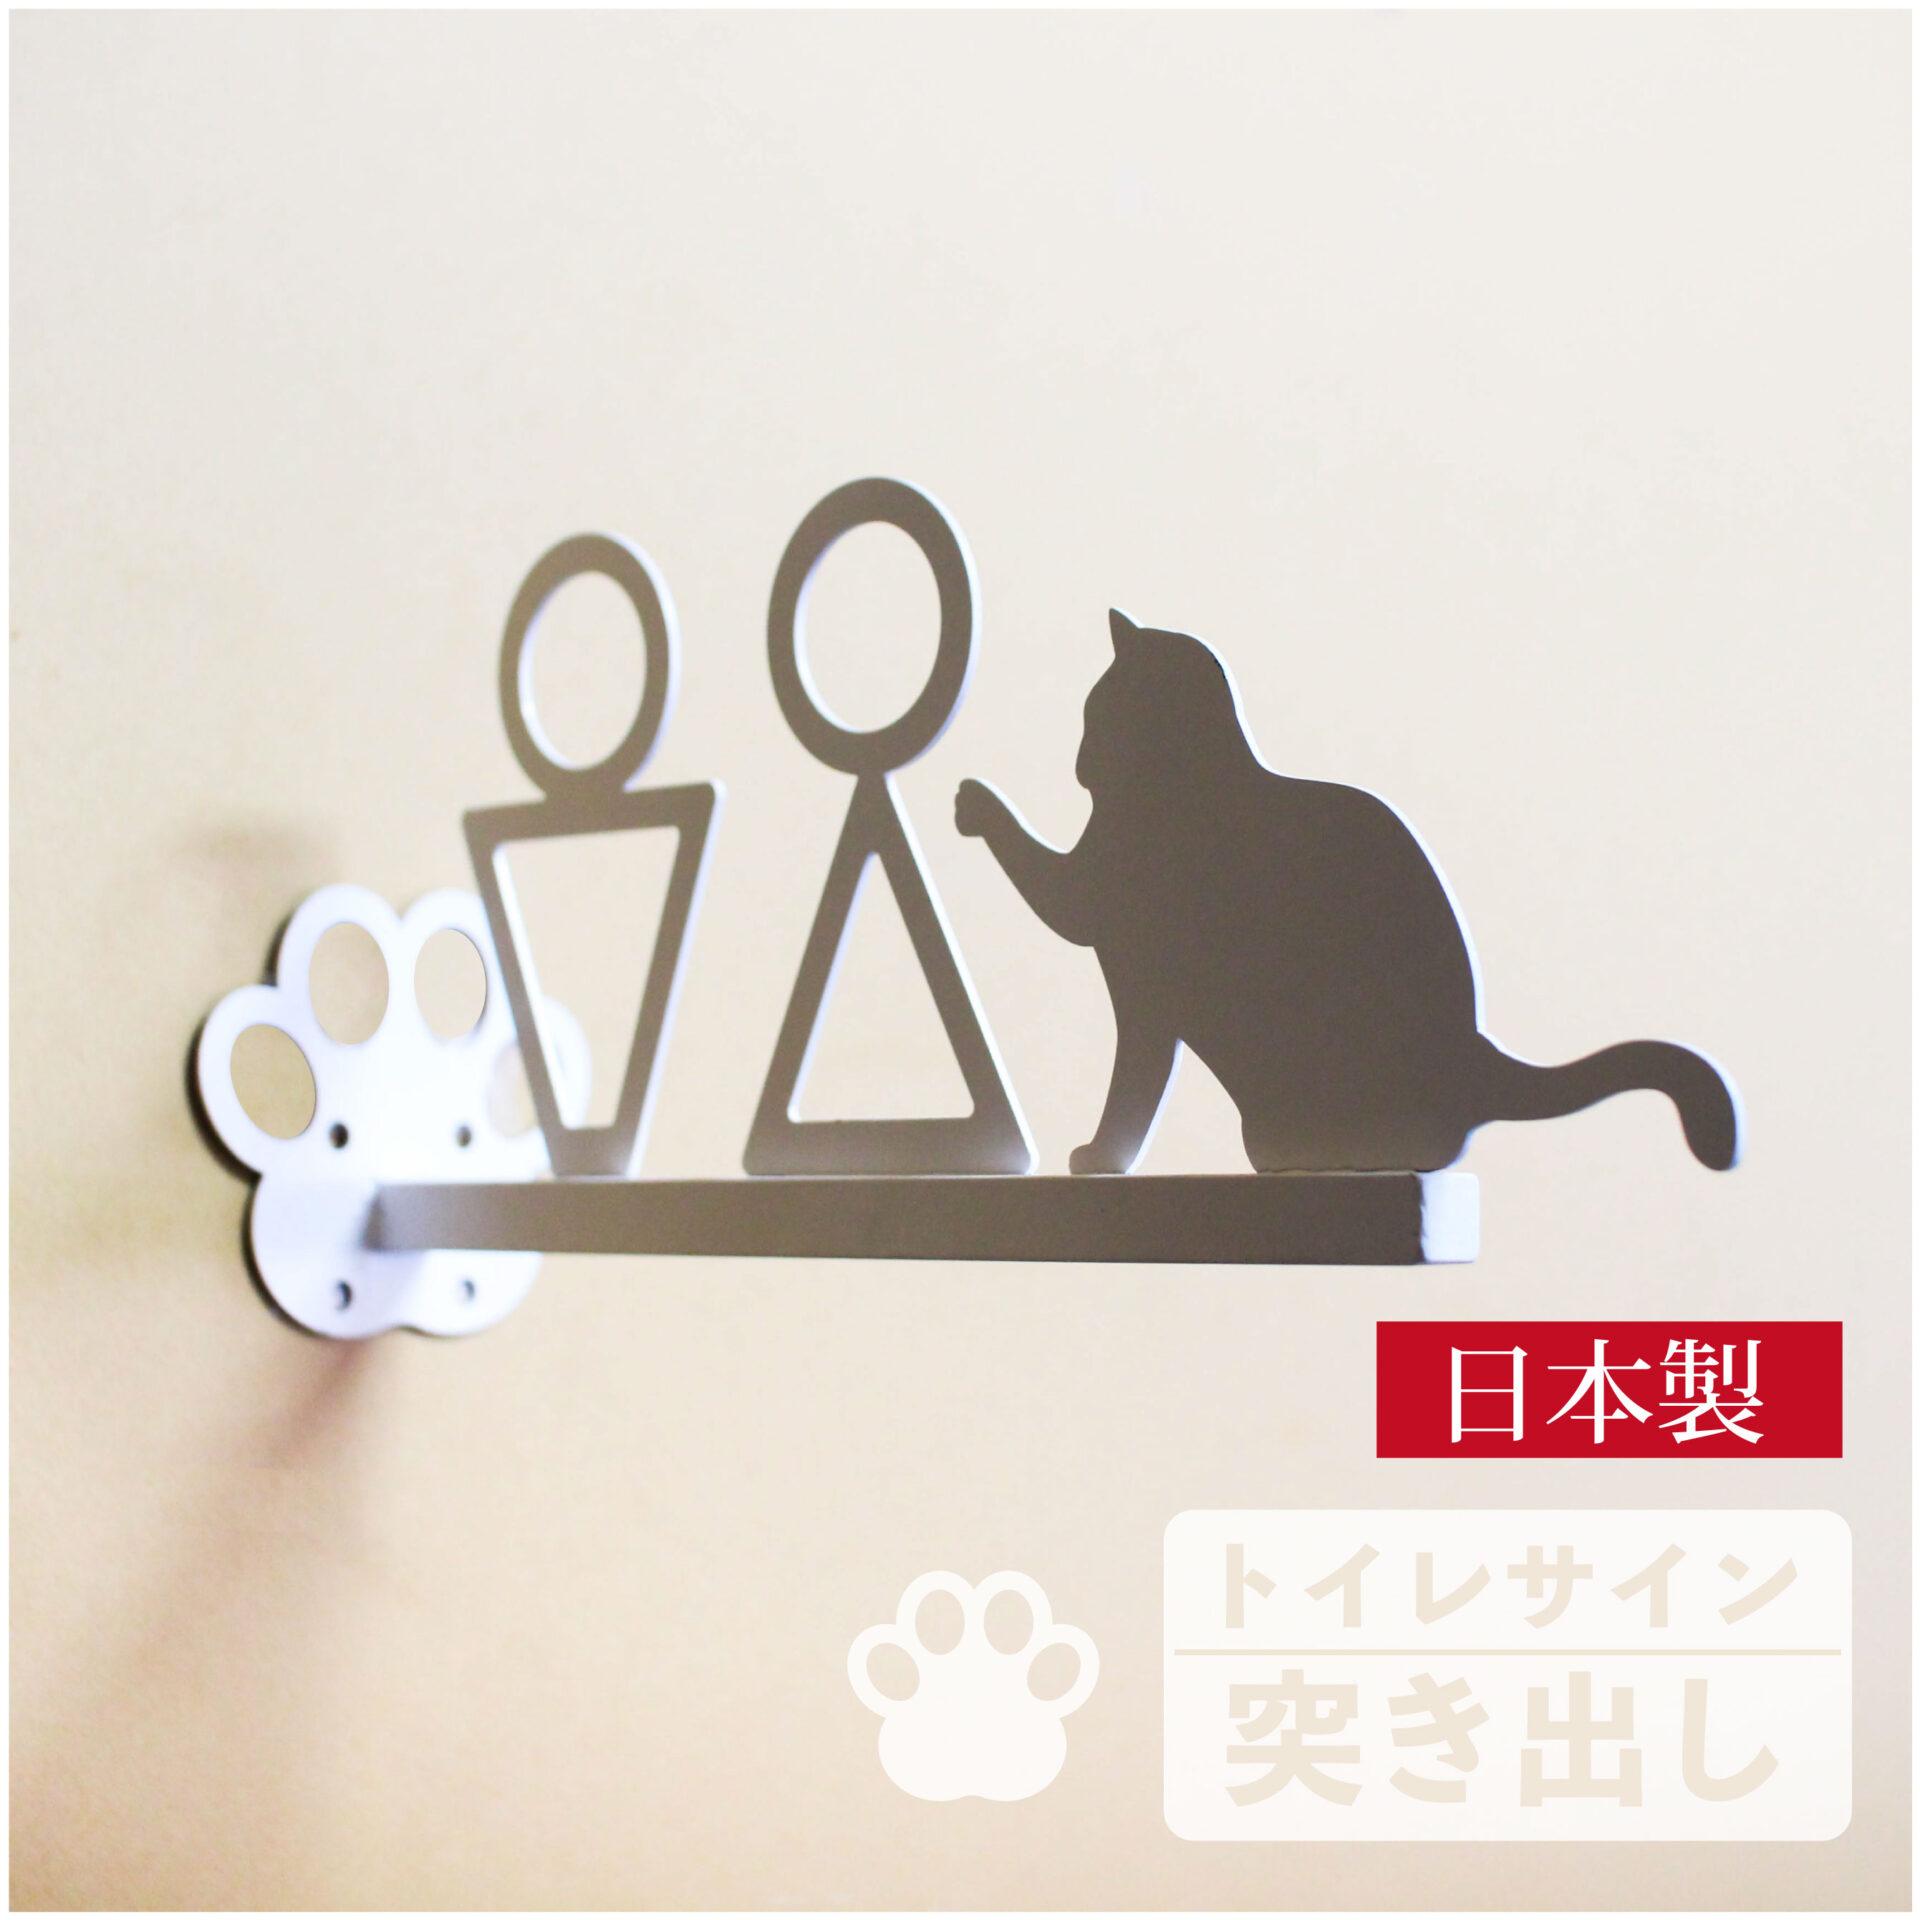 cat_sidesign-01